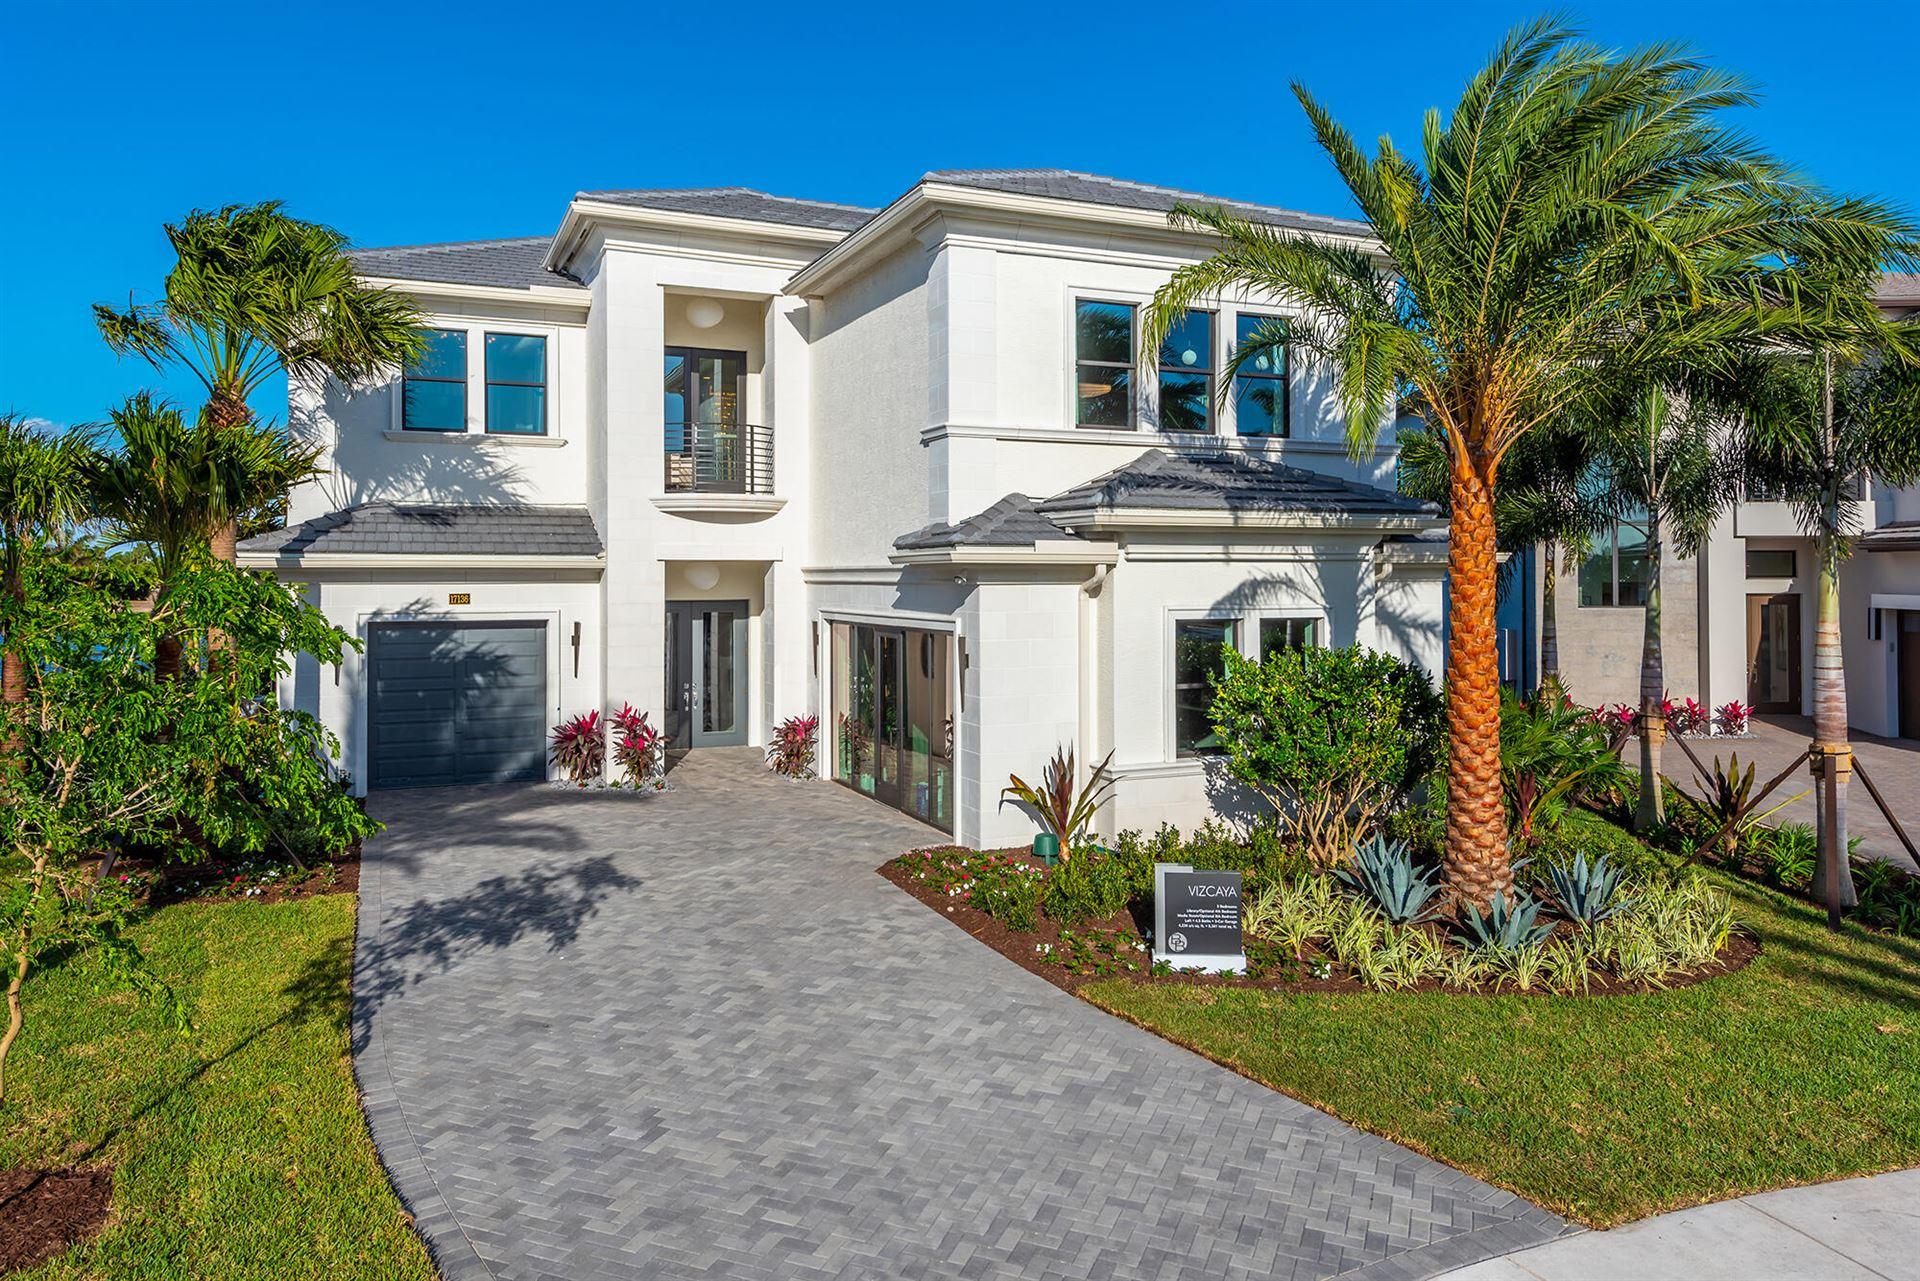 17136 Ludovica Lane, Boca Raton, FL 33496 - MLS#: RX-10744261